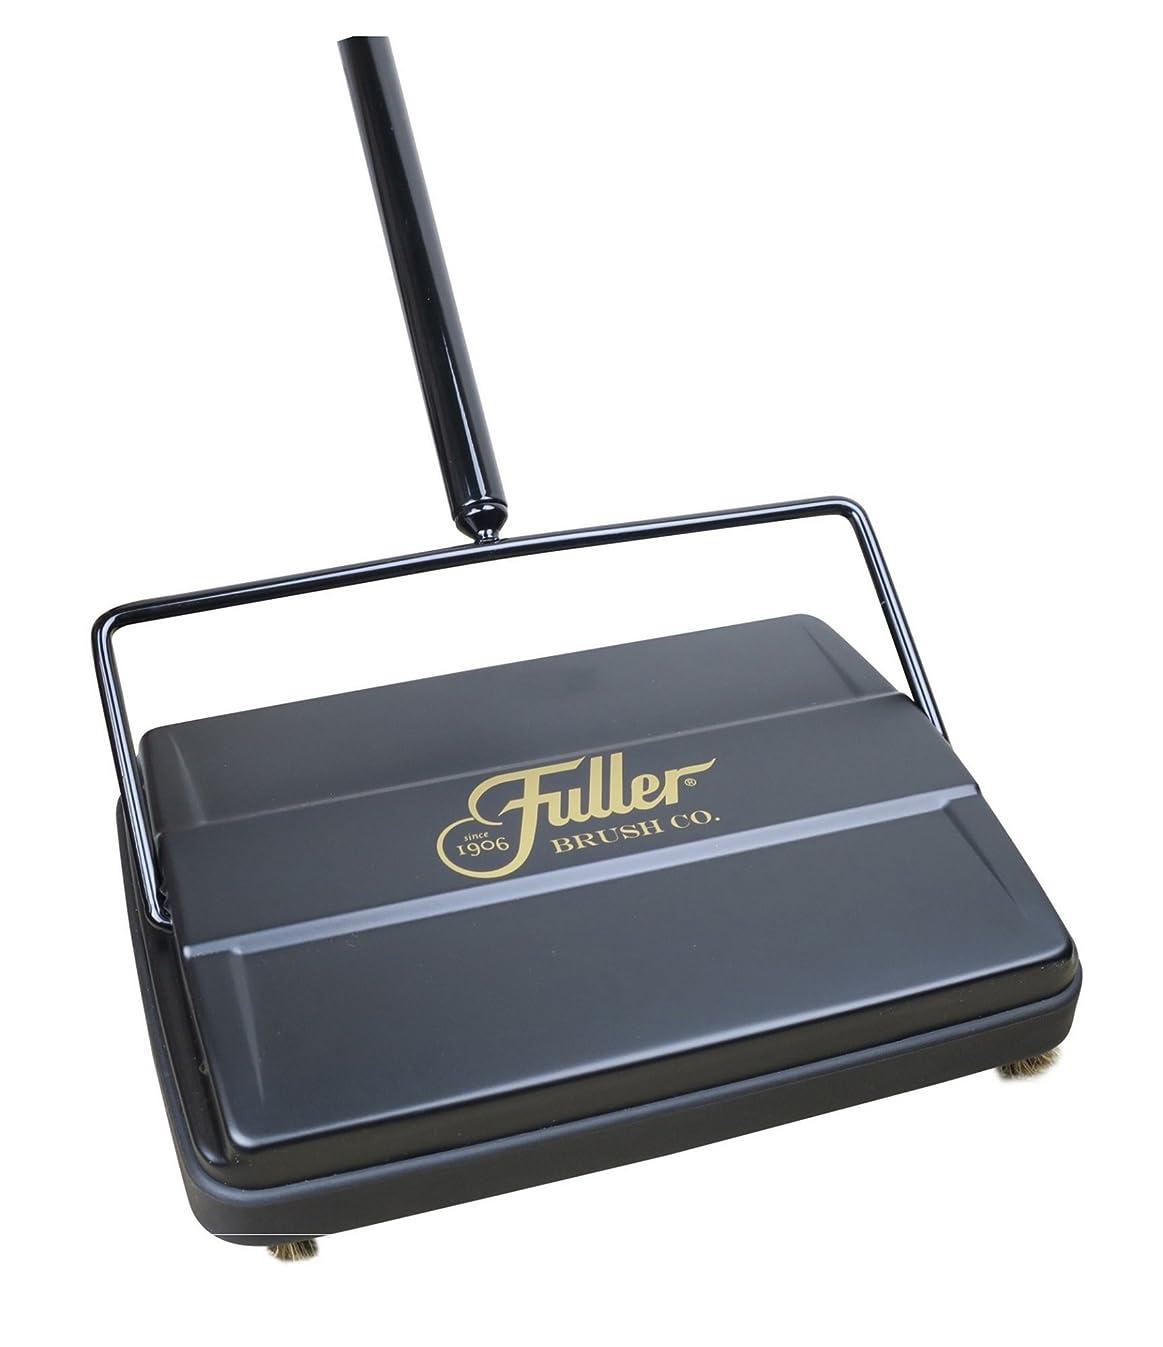 Fuller Brush 17027 Electrostatic Carpet & Floor Sweeper - 9